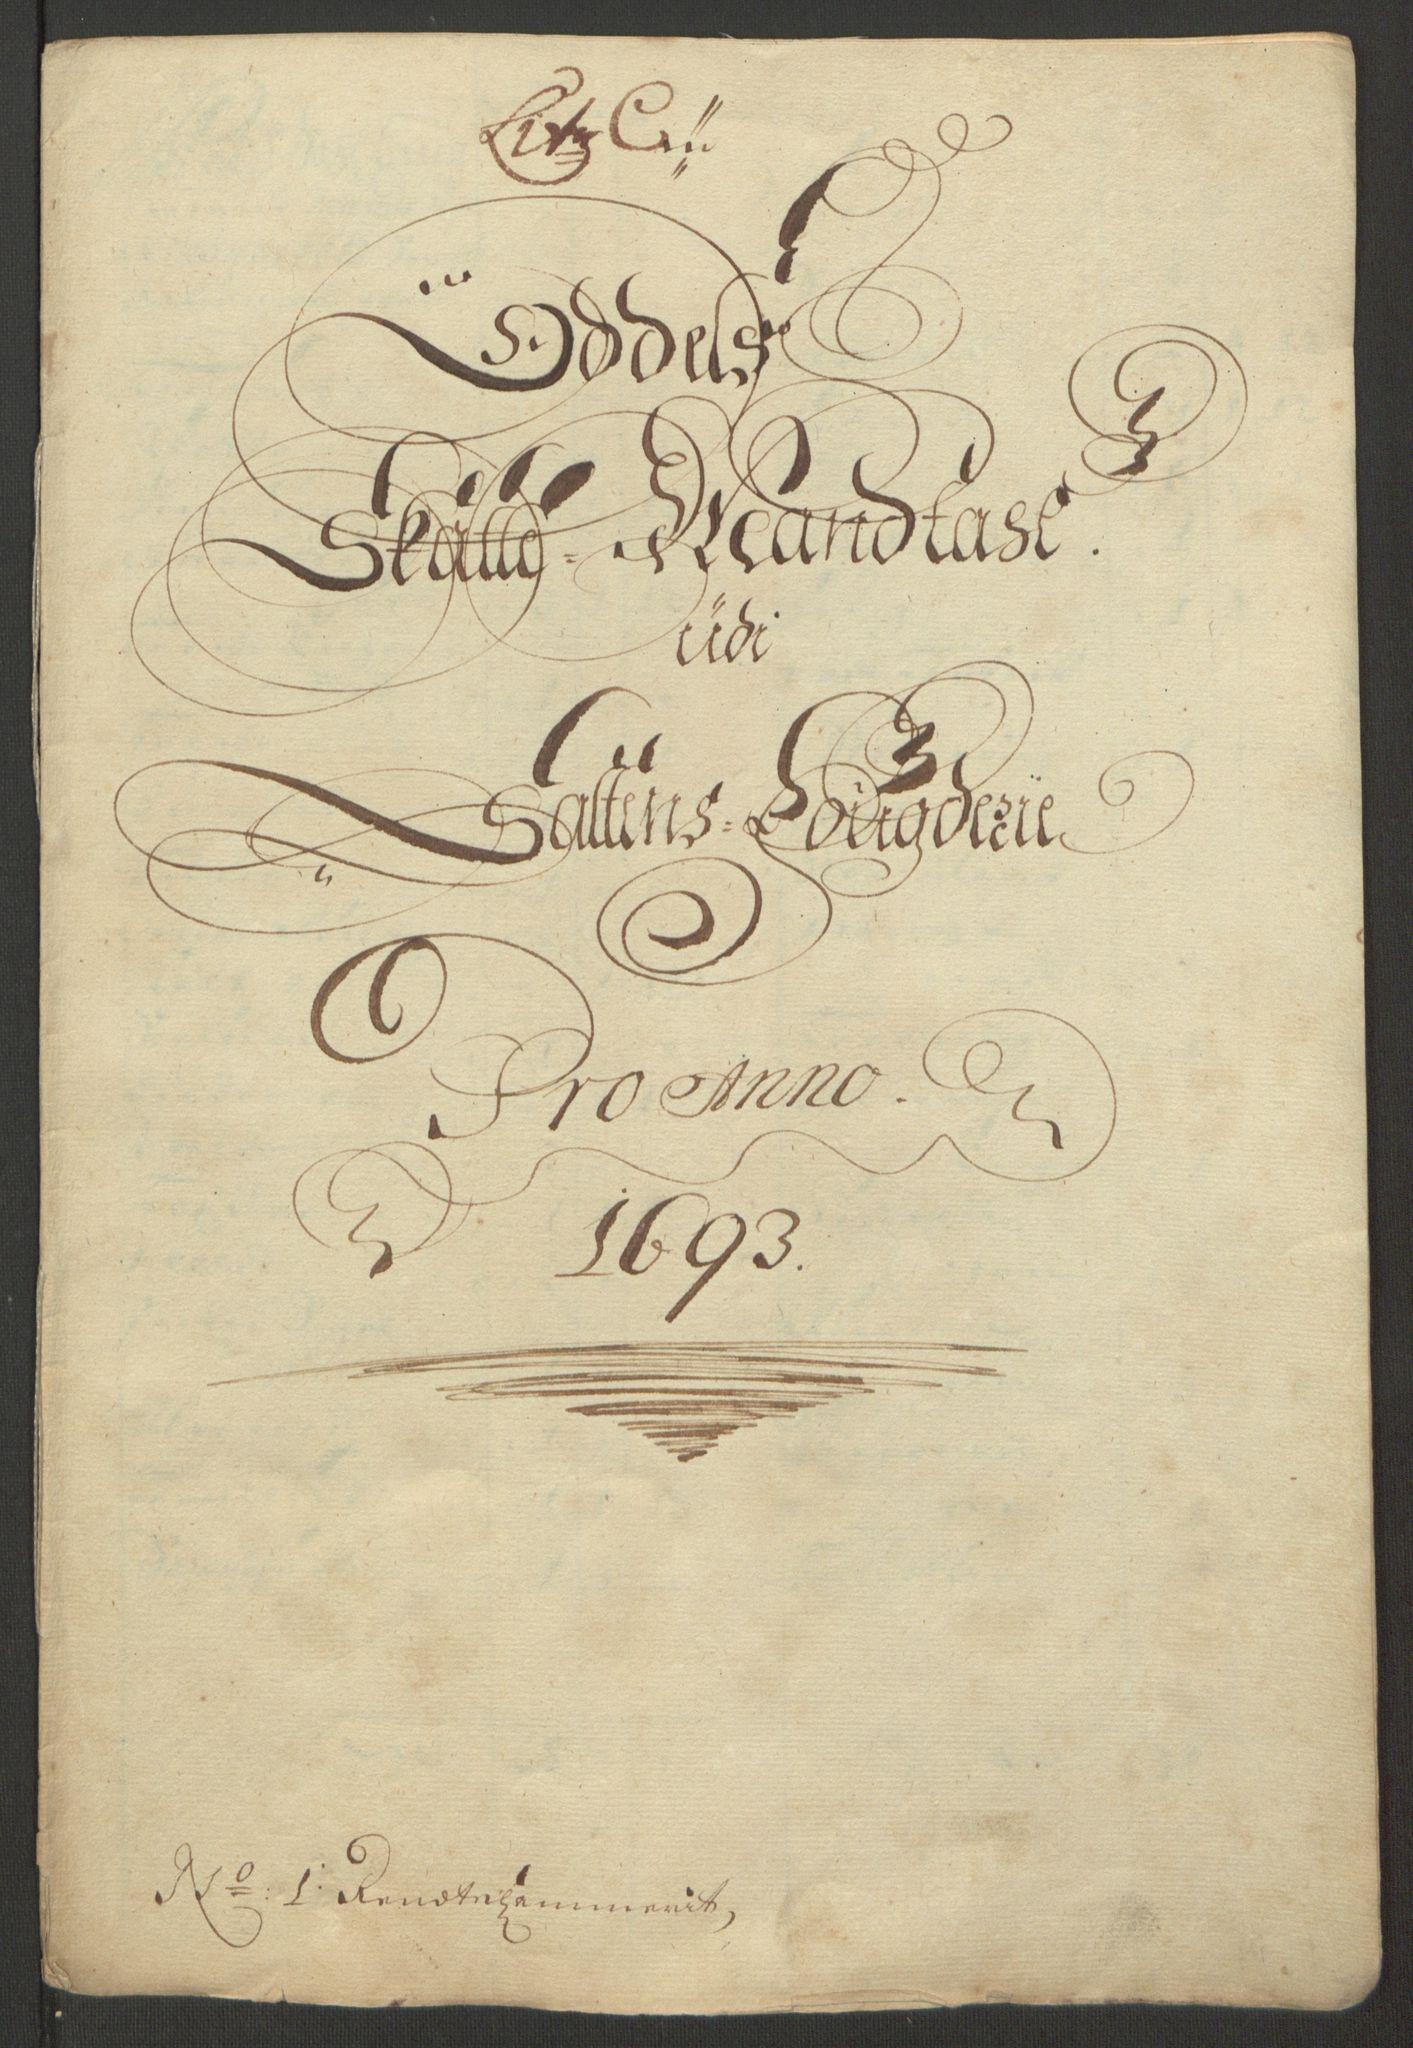 RA, Rentekammeret inntil 1814, Reviderte regnskaper, Fogderegnskap, R66/L4577: Fogderegnskap Salten, 1691-1693, s. 298